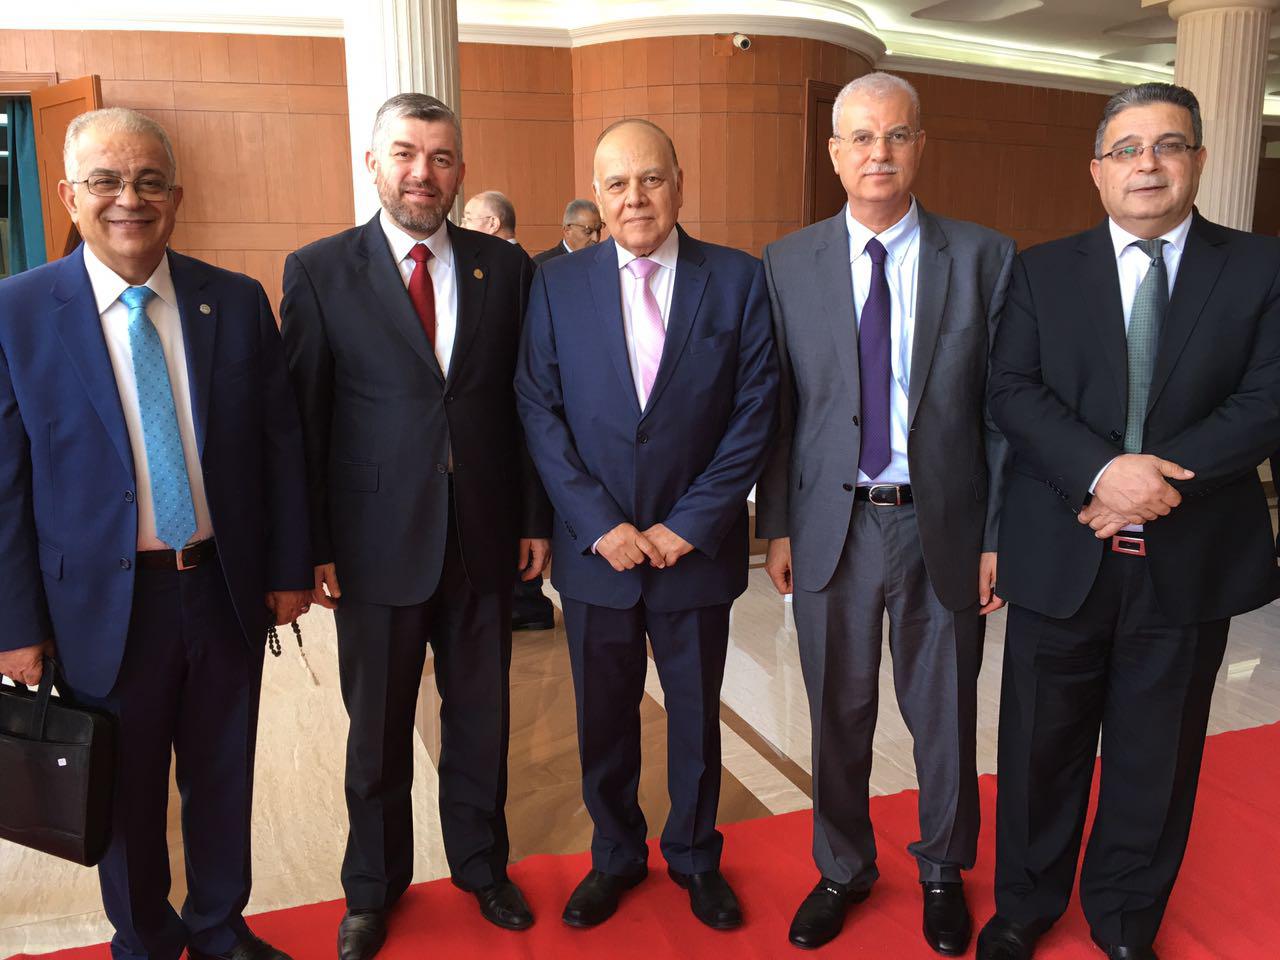 جامعة طرابلس تشارك في الدورة الحادية و الخمسين لاتحاد الجامعات العربية (1/2)